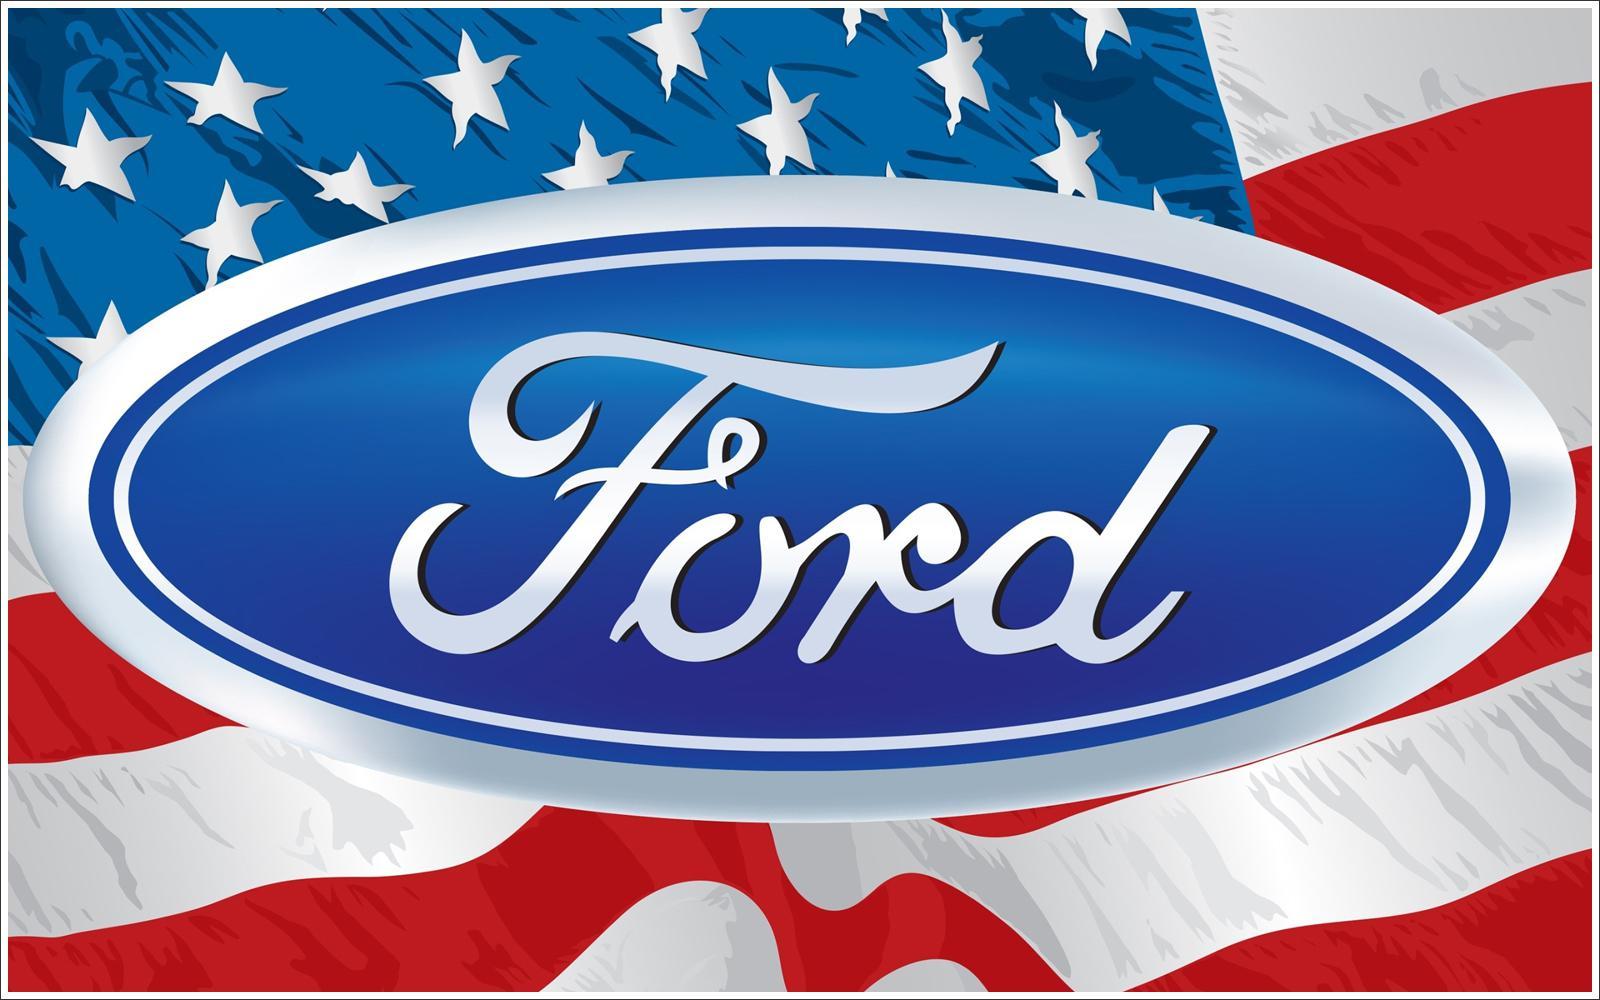 福特总裁:加拿大留在北美自贸区至关重要